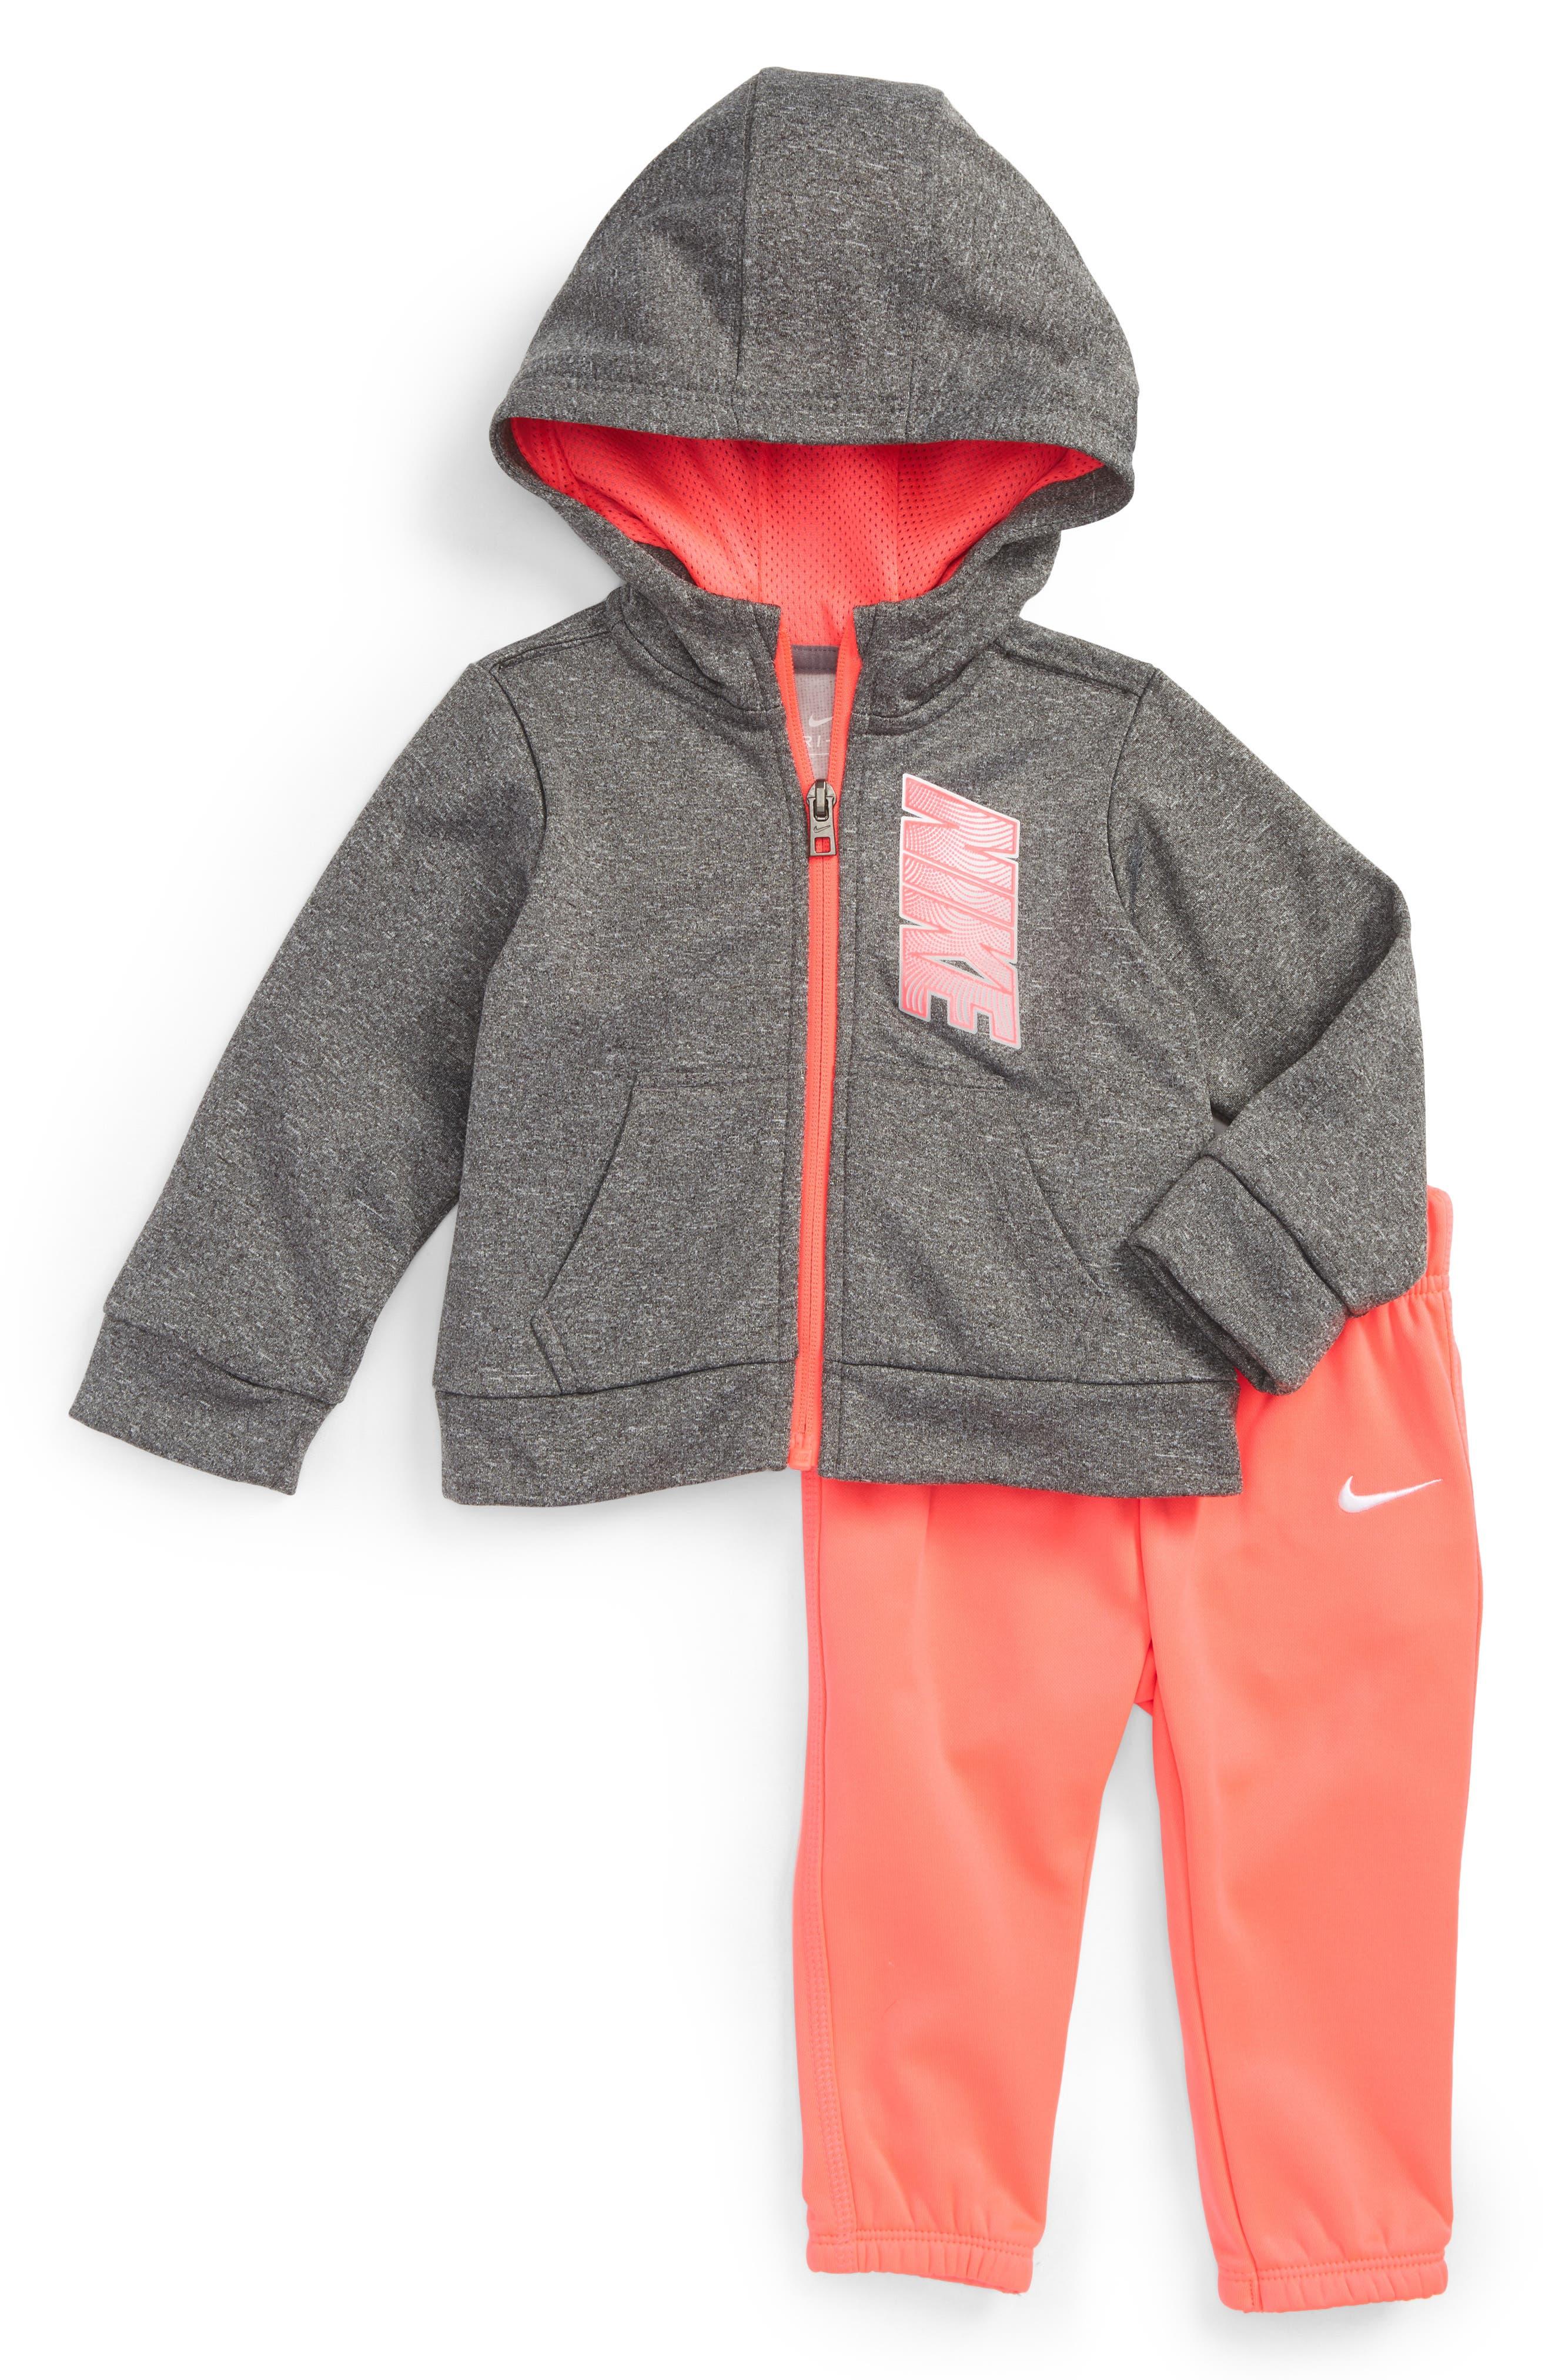 Alternate Image 1 Selected - Nike Therma-FIT Fleece Hoodie & Pants Set (Baby Girls)